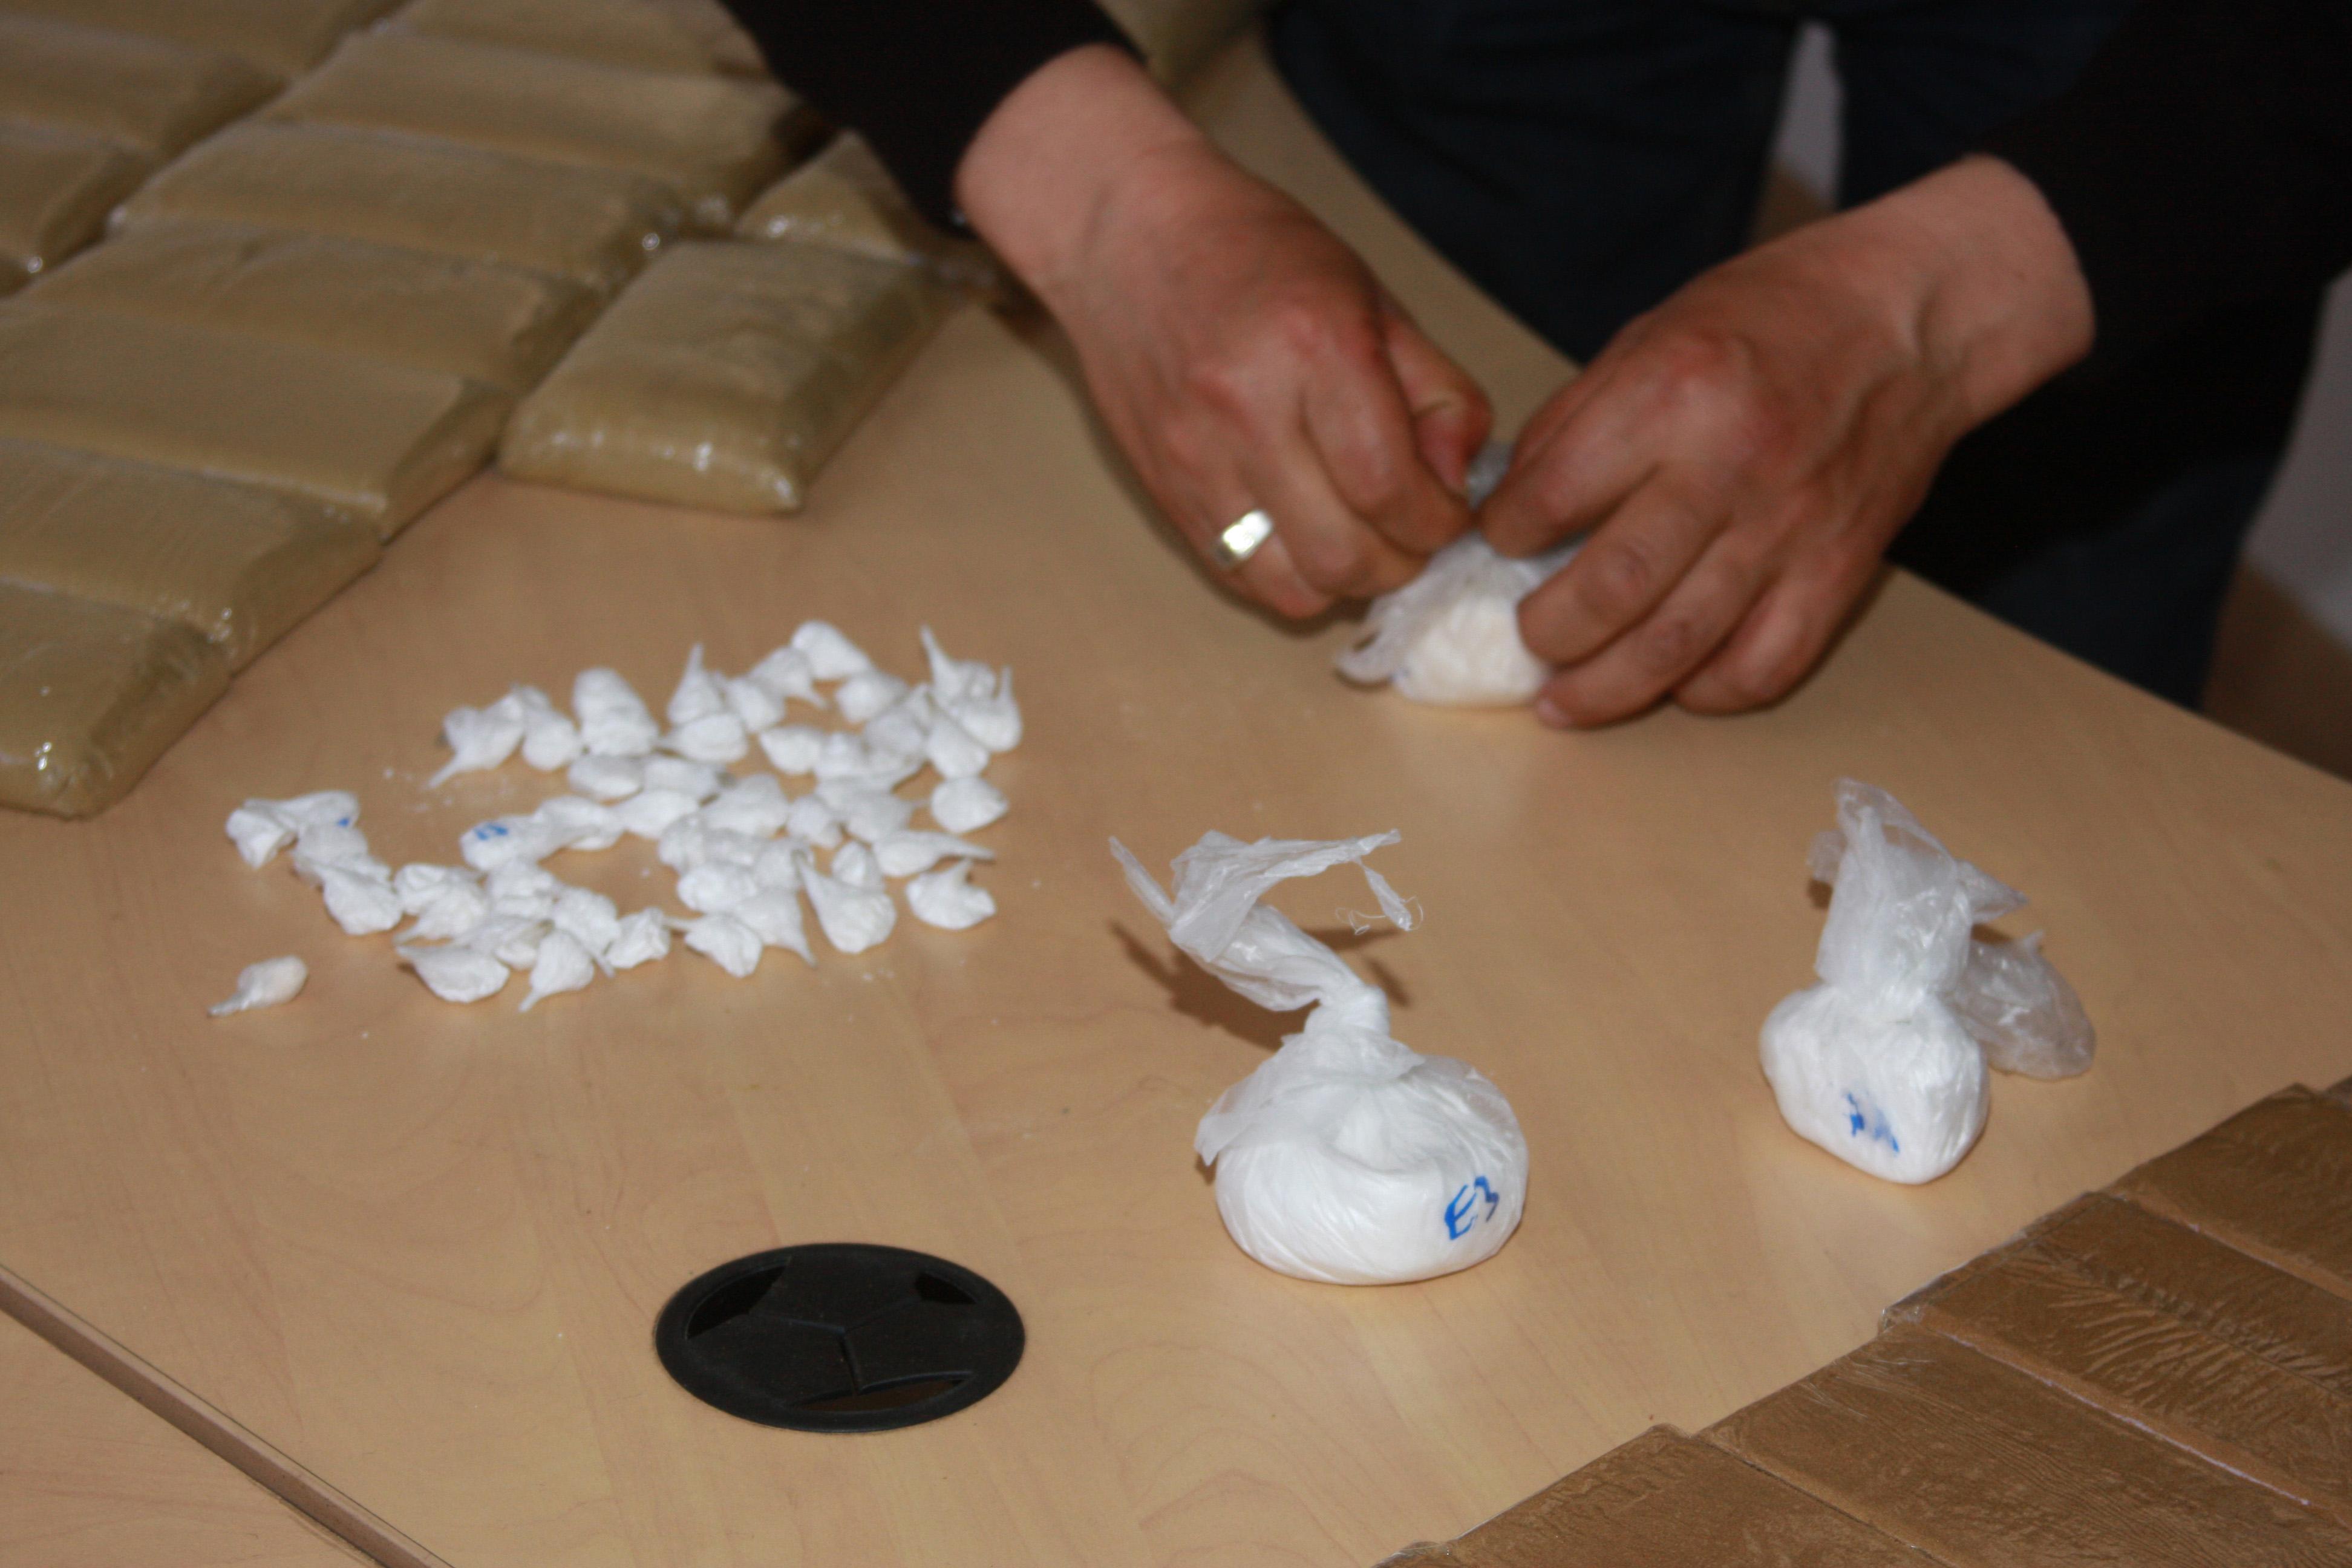 توقيف ناميبي في مطار محمد الخامس بحوزته أزيد من 3 كلغ من الكوكايين